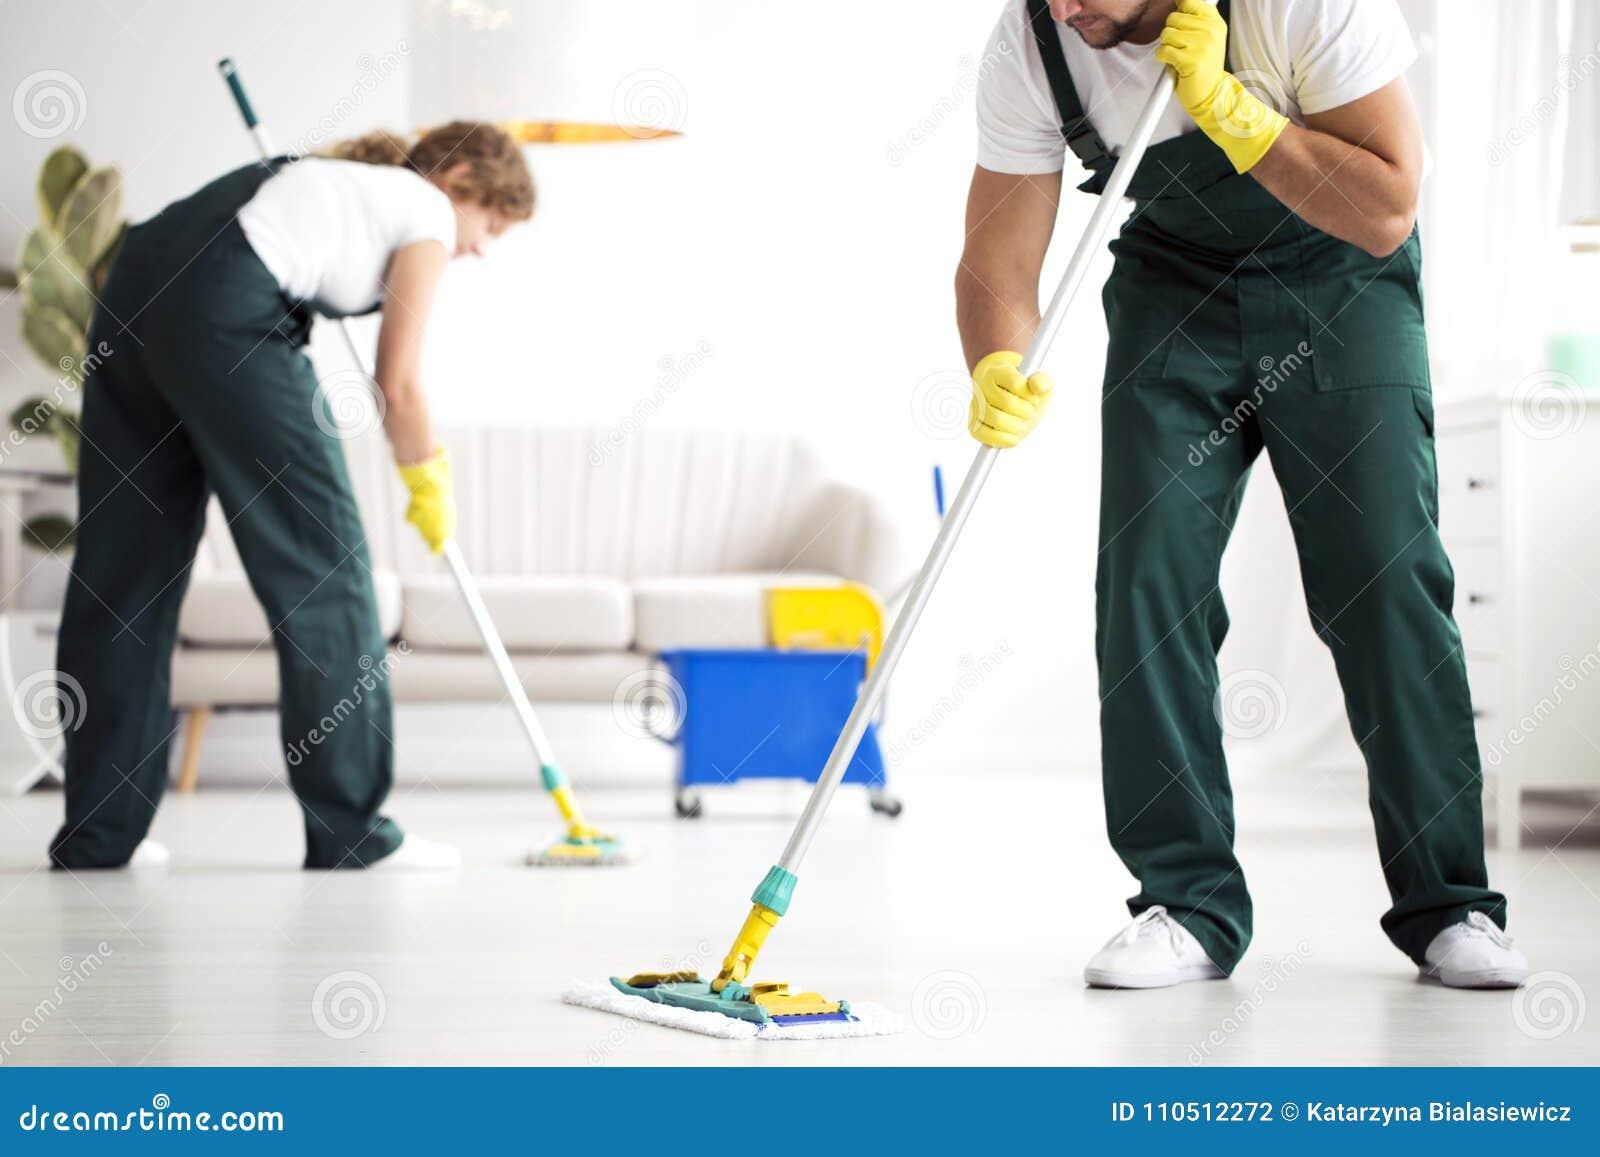 Plancher de lavage professionnel d équipage de nettoyage